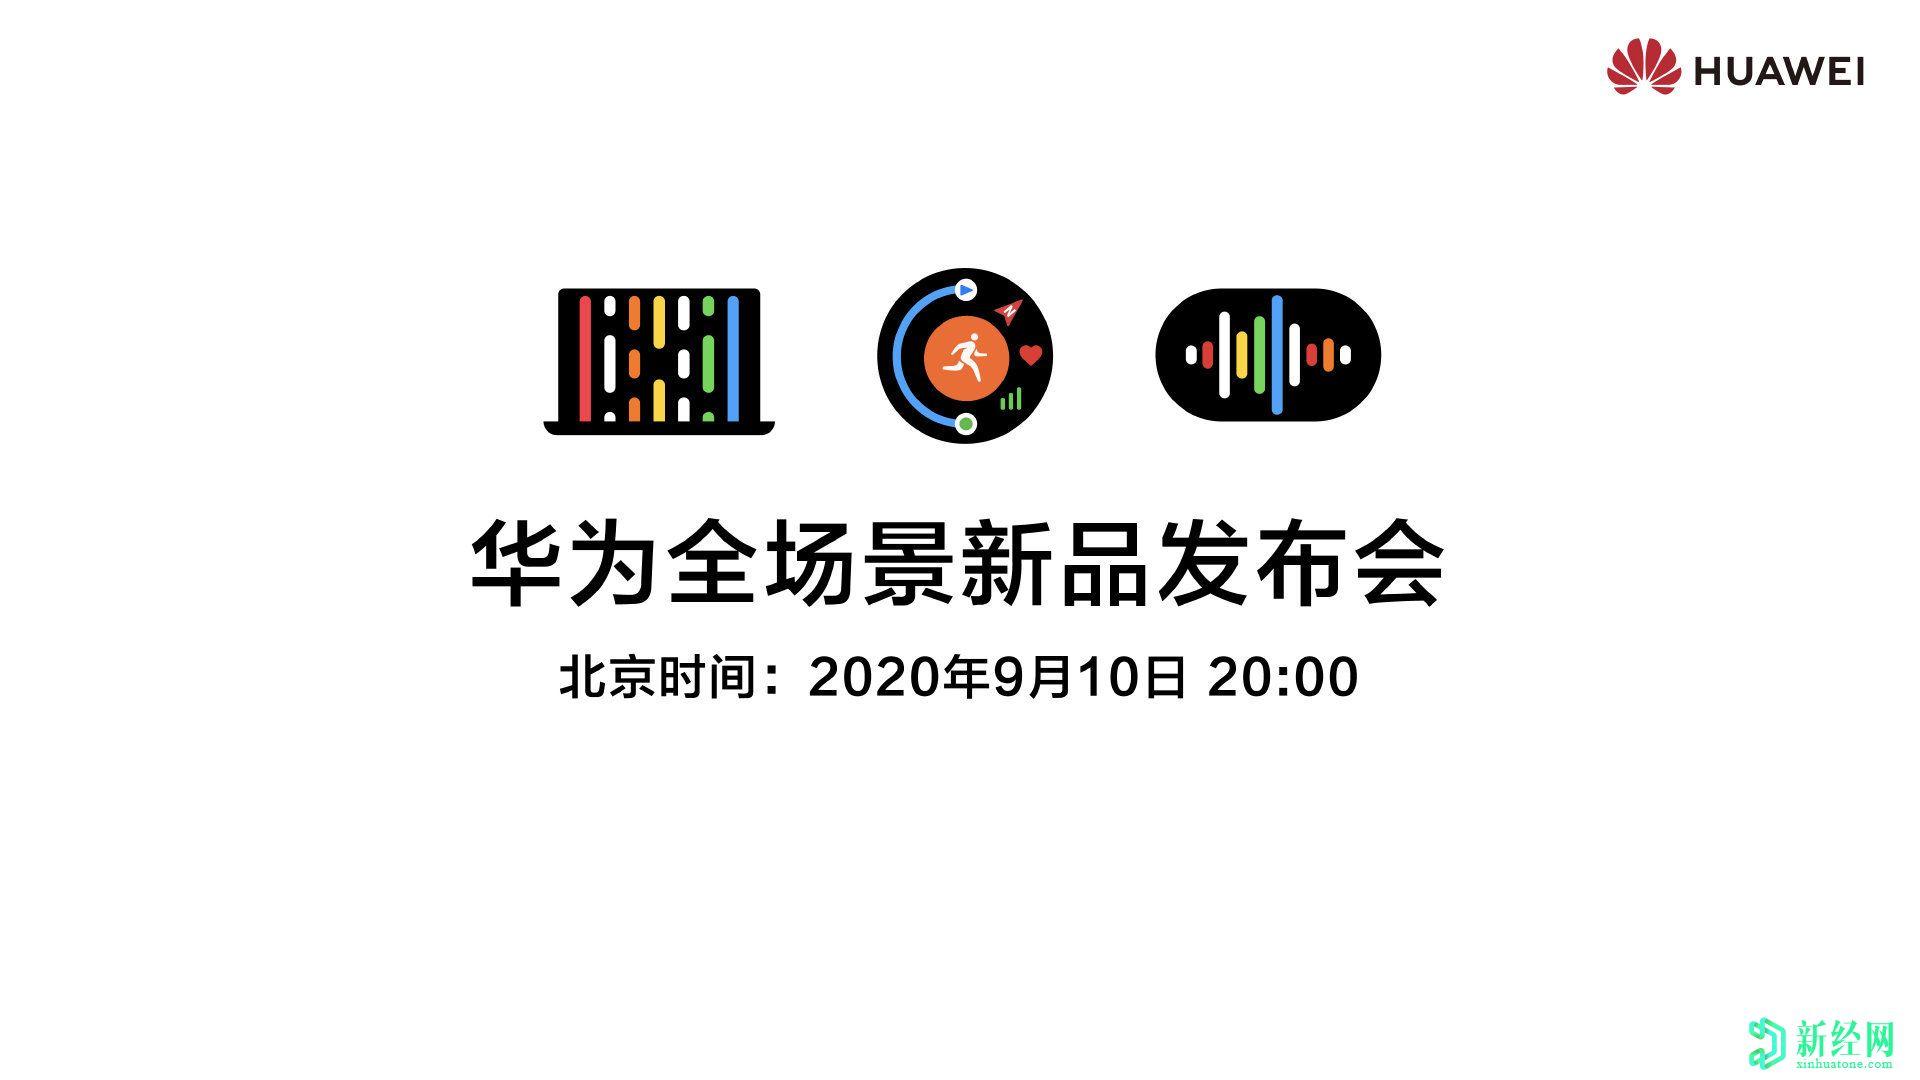 华为定于9月10日举办活动 海报暗示了三种新产品